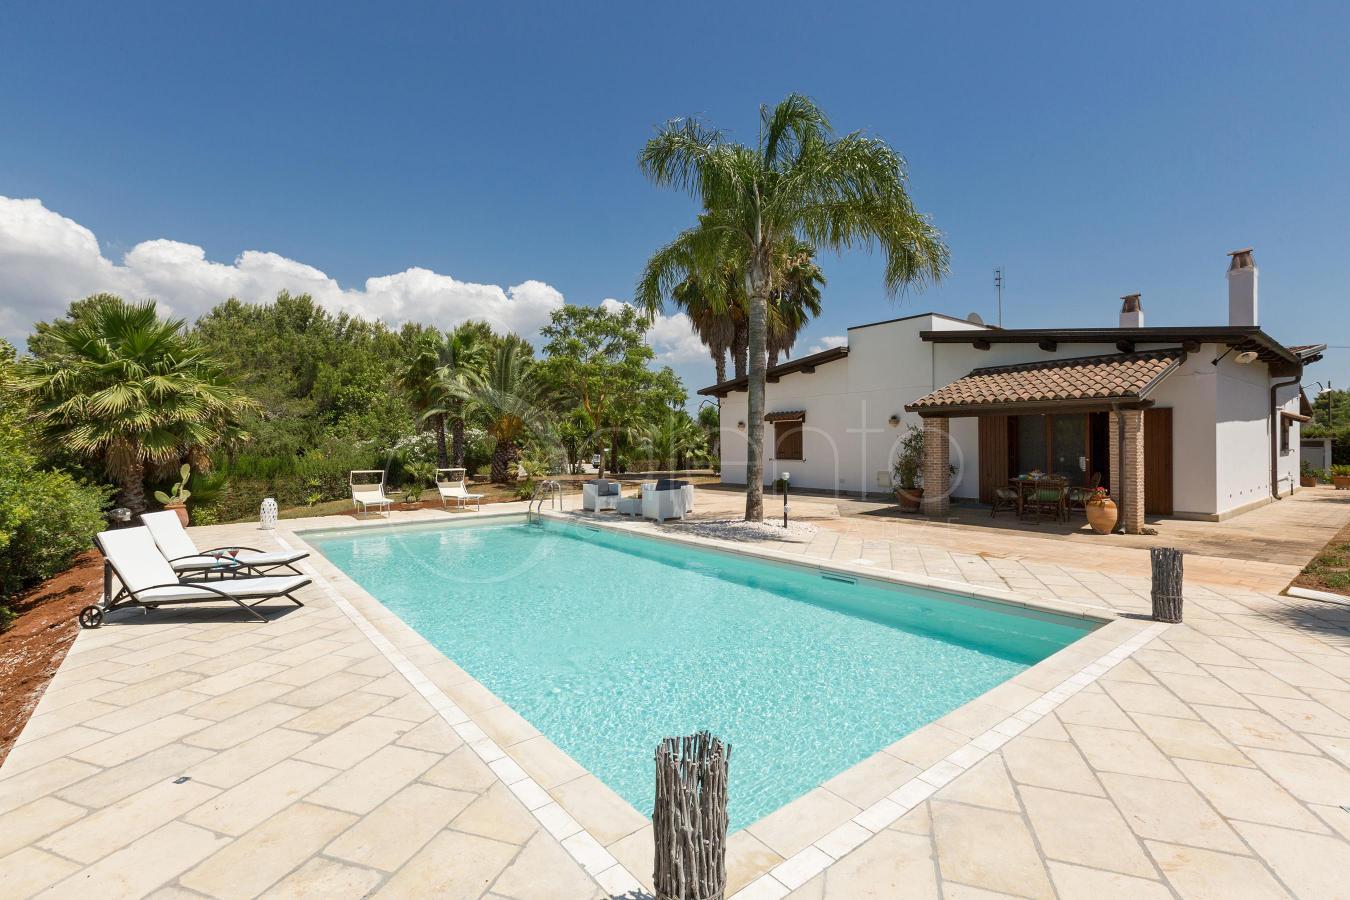 Villa con piscina a casarano nel cuore del salento - Villa con piscina salento ...